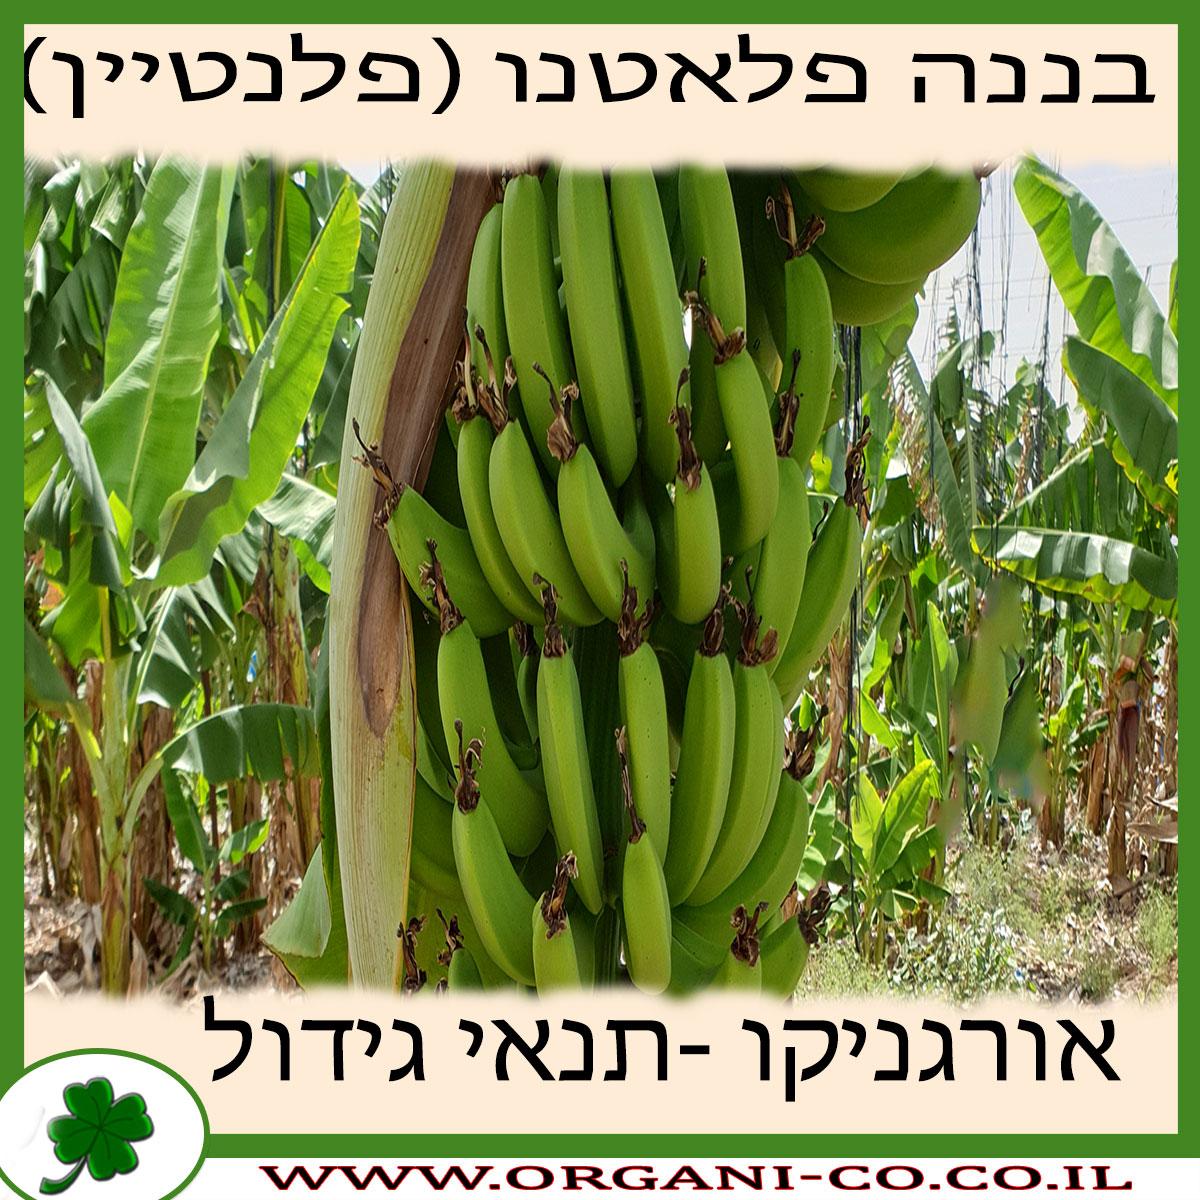 בננה פלאטנו (פלנטיין) גידול צמח